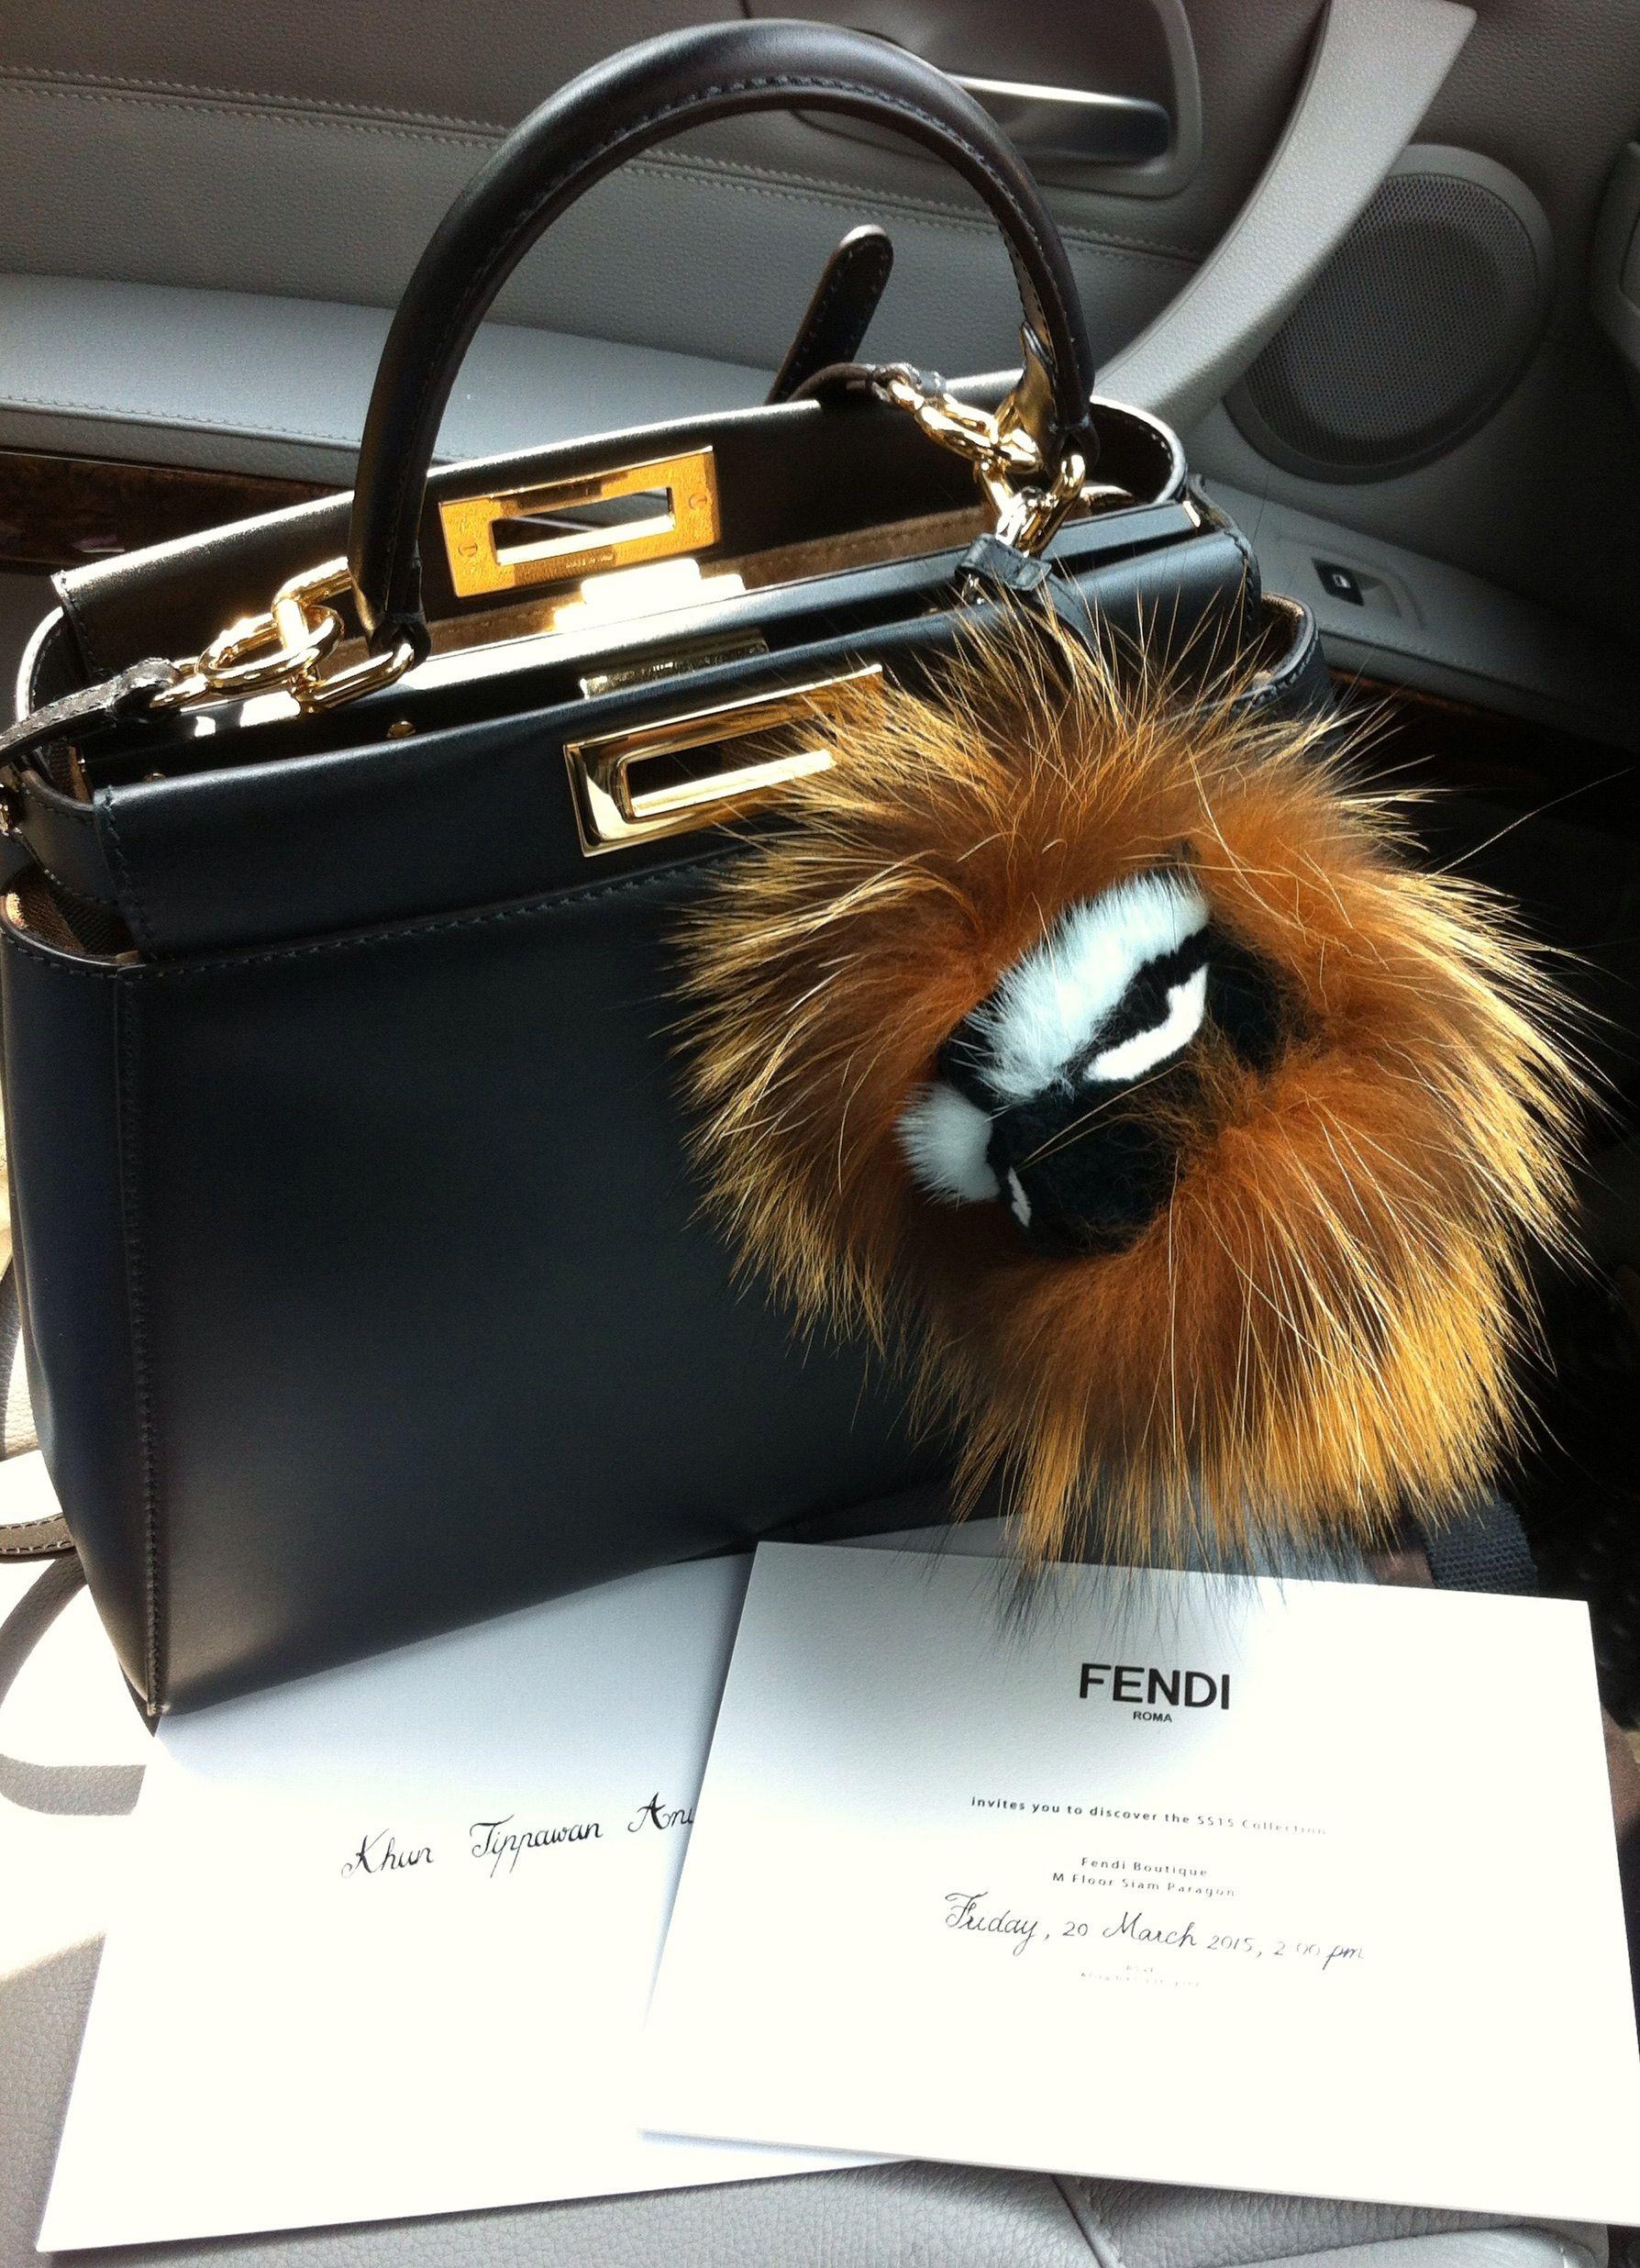 7facd2cfecfd Just fur fun - My Fendi Peekaboo & little monster